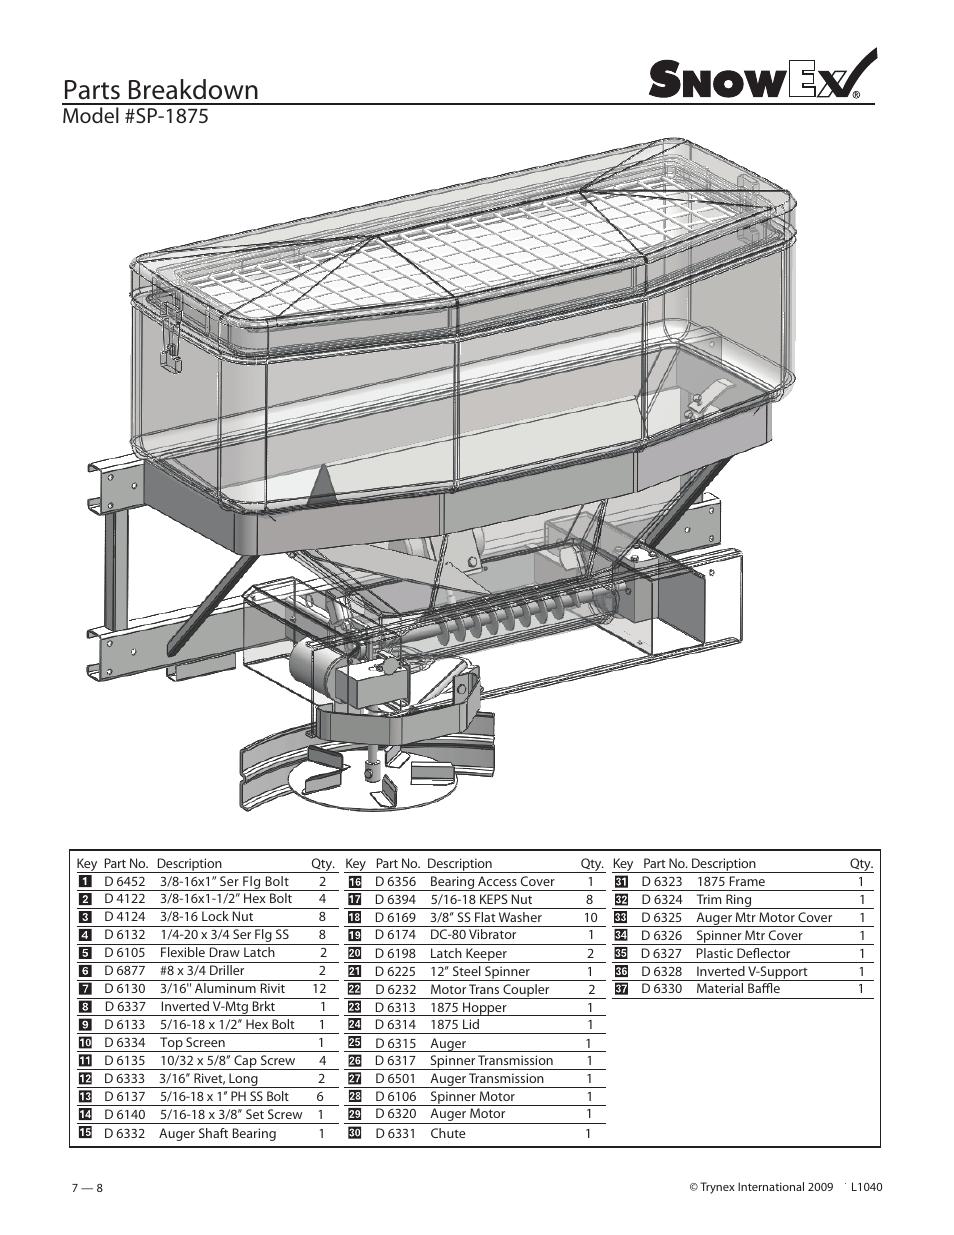 Snowex Parts Diagram Diy Enthusiasts Wiring Diagrams \u2022 Wiring For  SnowEx 7550 Spreader Snowex 8500 Wiring Diagram